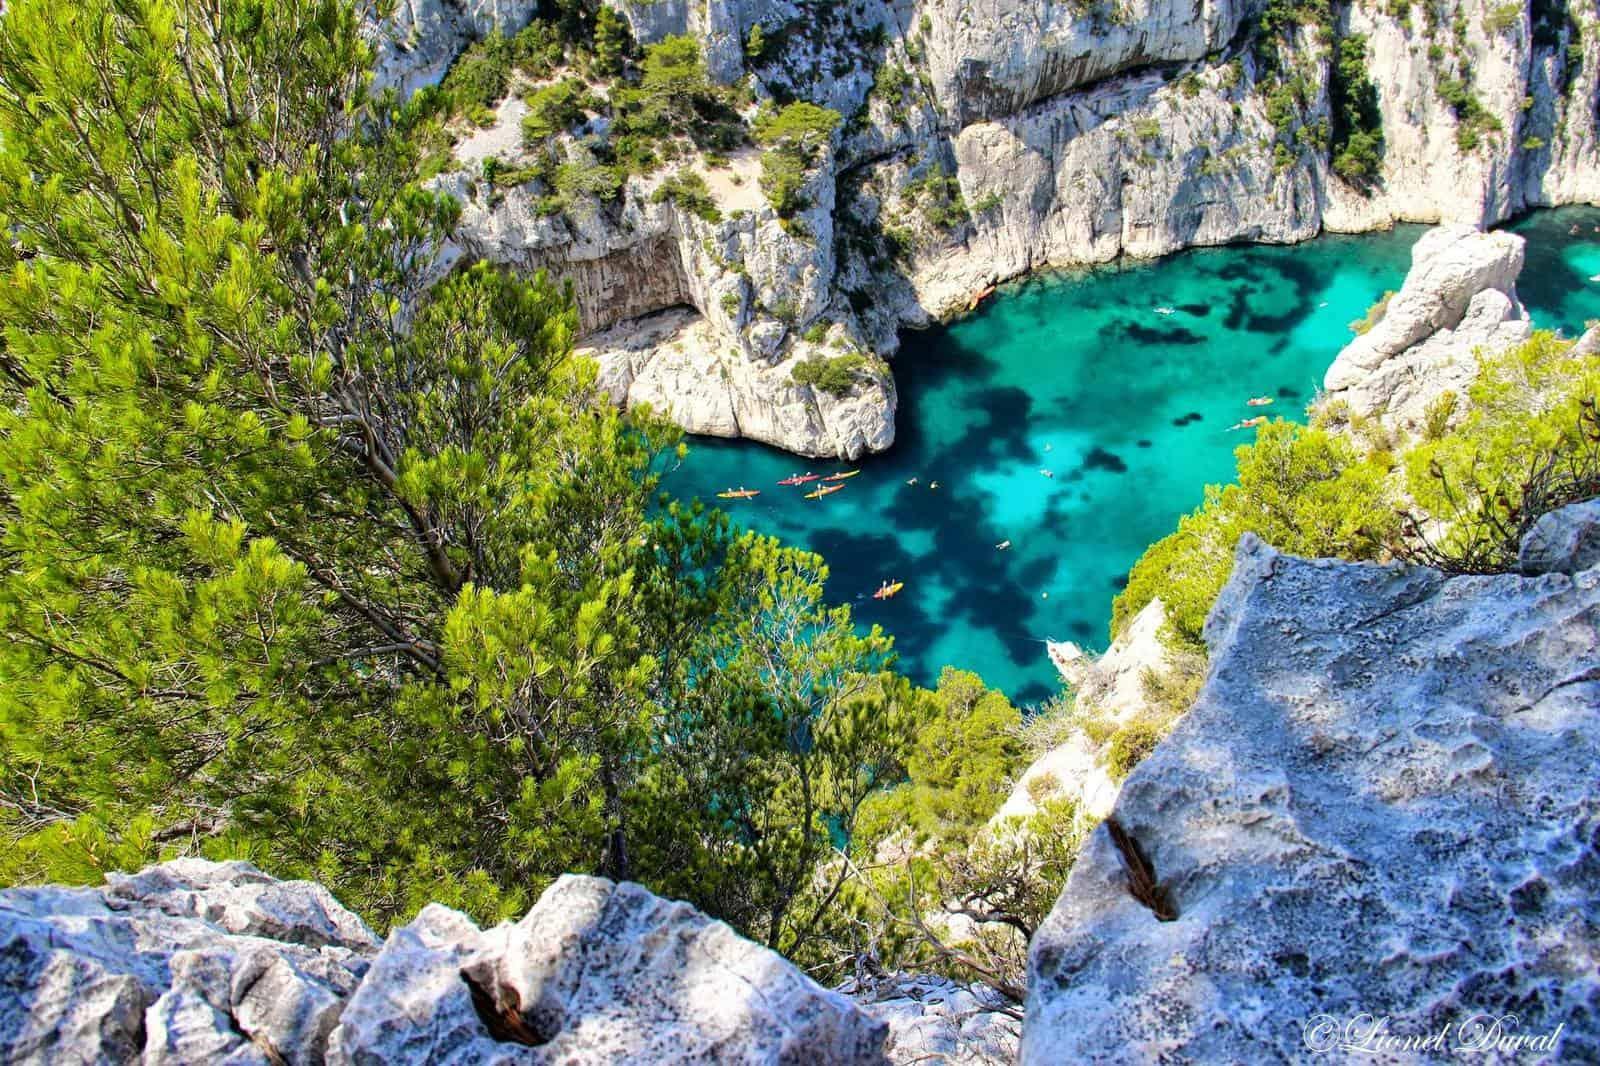 , Marseille dans le top 10 des villes touristiques les plus vertes au monde, Made in Marseille, Made in Marseille